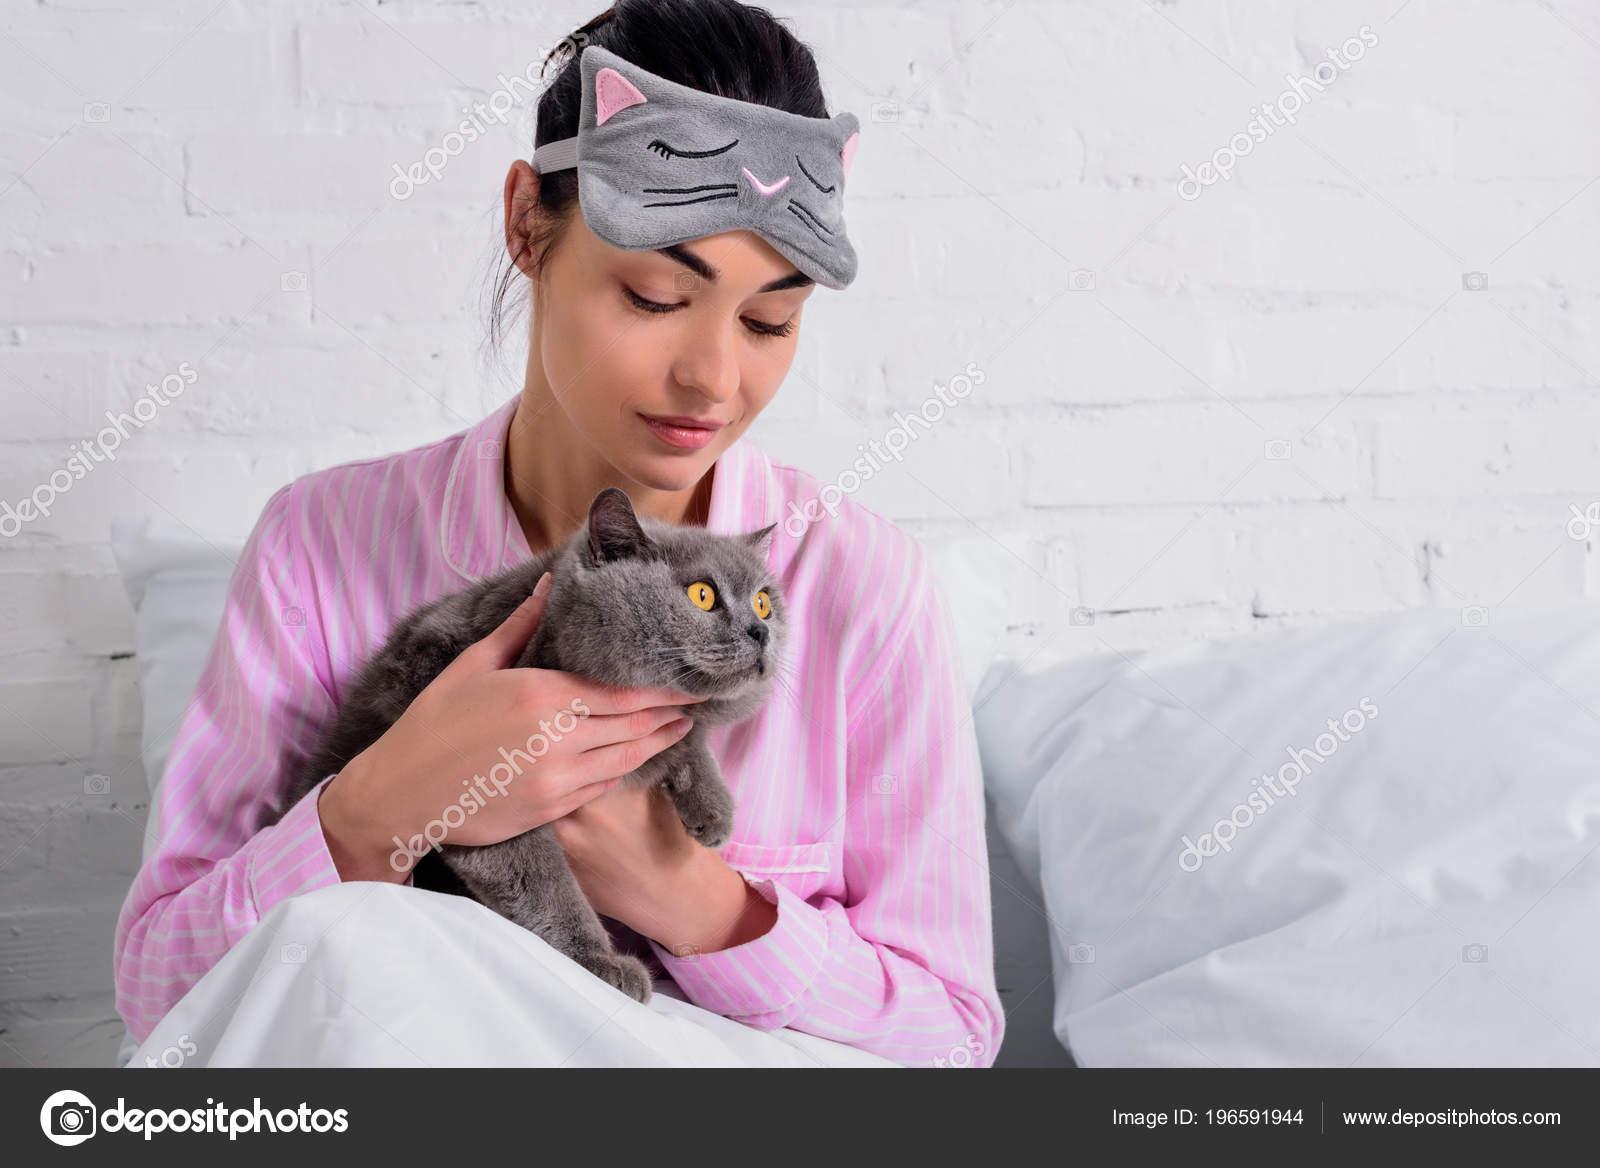 468a92e534 Retrato Mujer Pijamas Máscara Dormir Con Gato Pelo Corto Gran — Fotos de  Stock